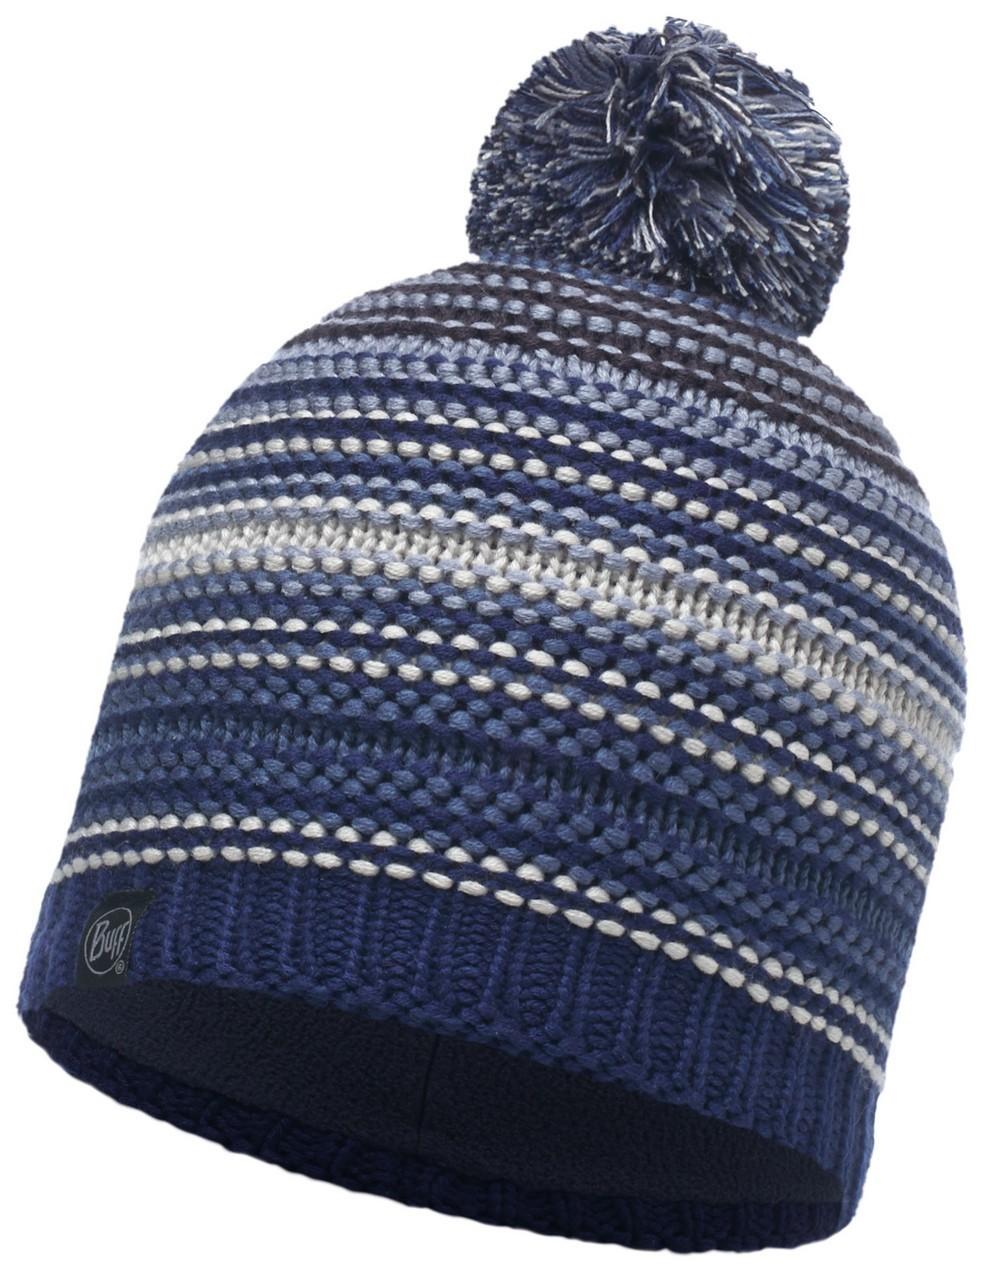 Шапки с помпоном Вязаная шапка с флисовой подкладкой Buff Neper Blue Ink 113586.752.10.00.jpg